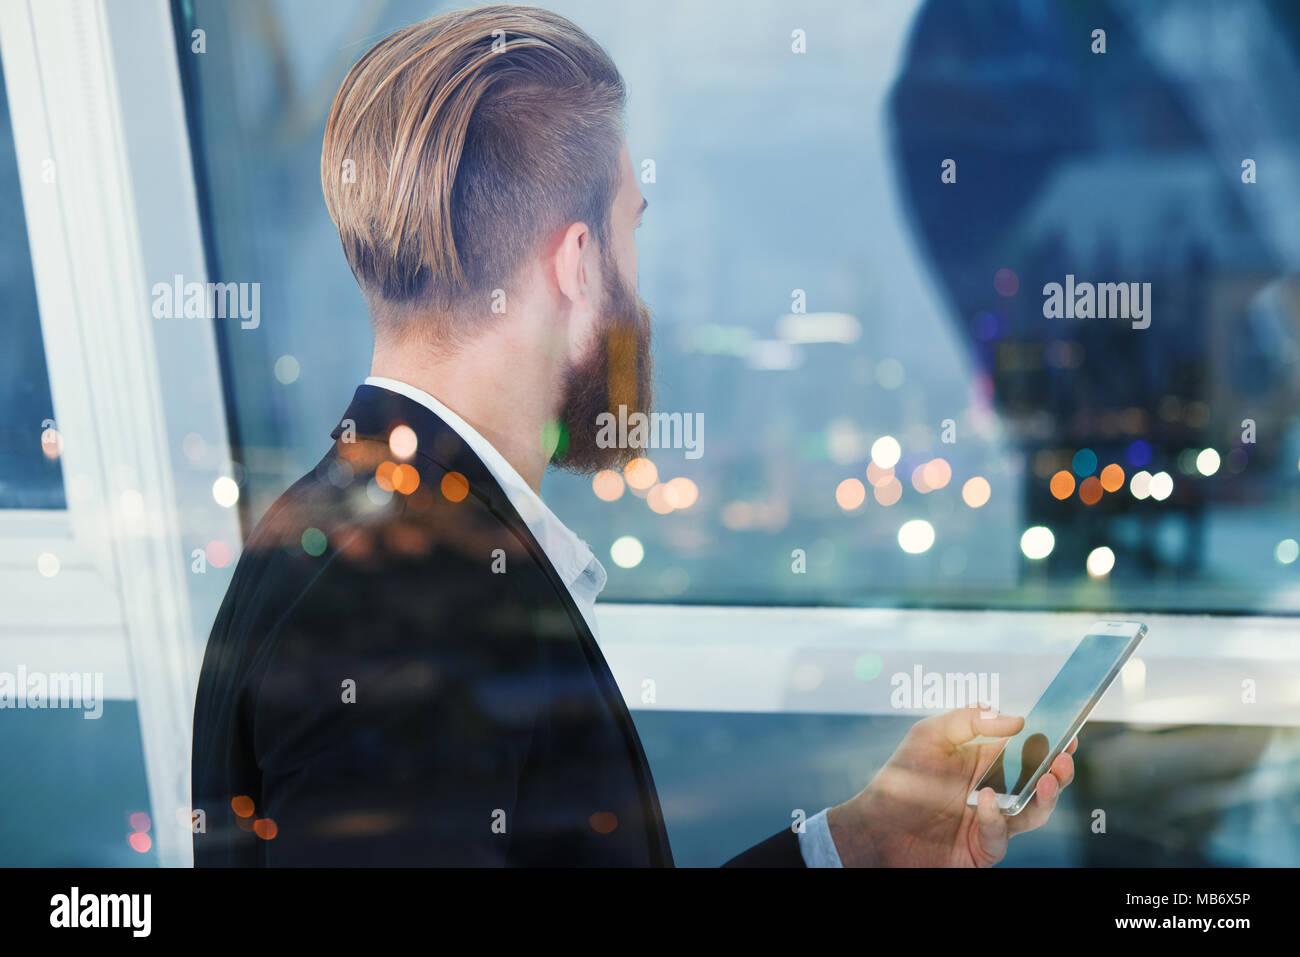 Imprenditore guarda lontano per il futuro nella notte. Concetto di innovazione e startup Immagini Stock